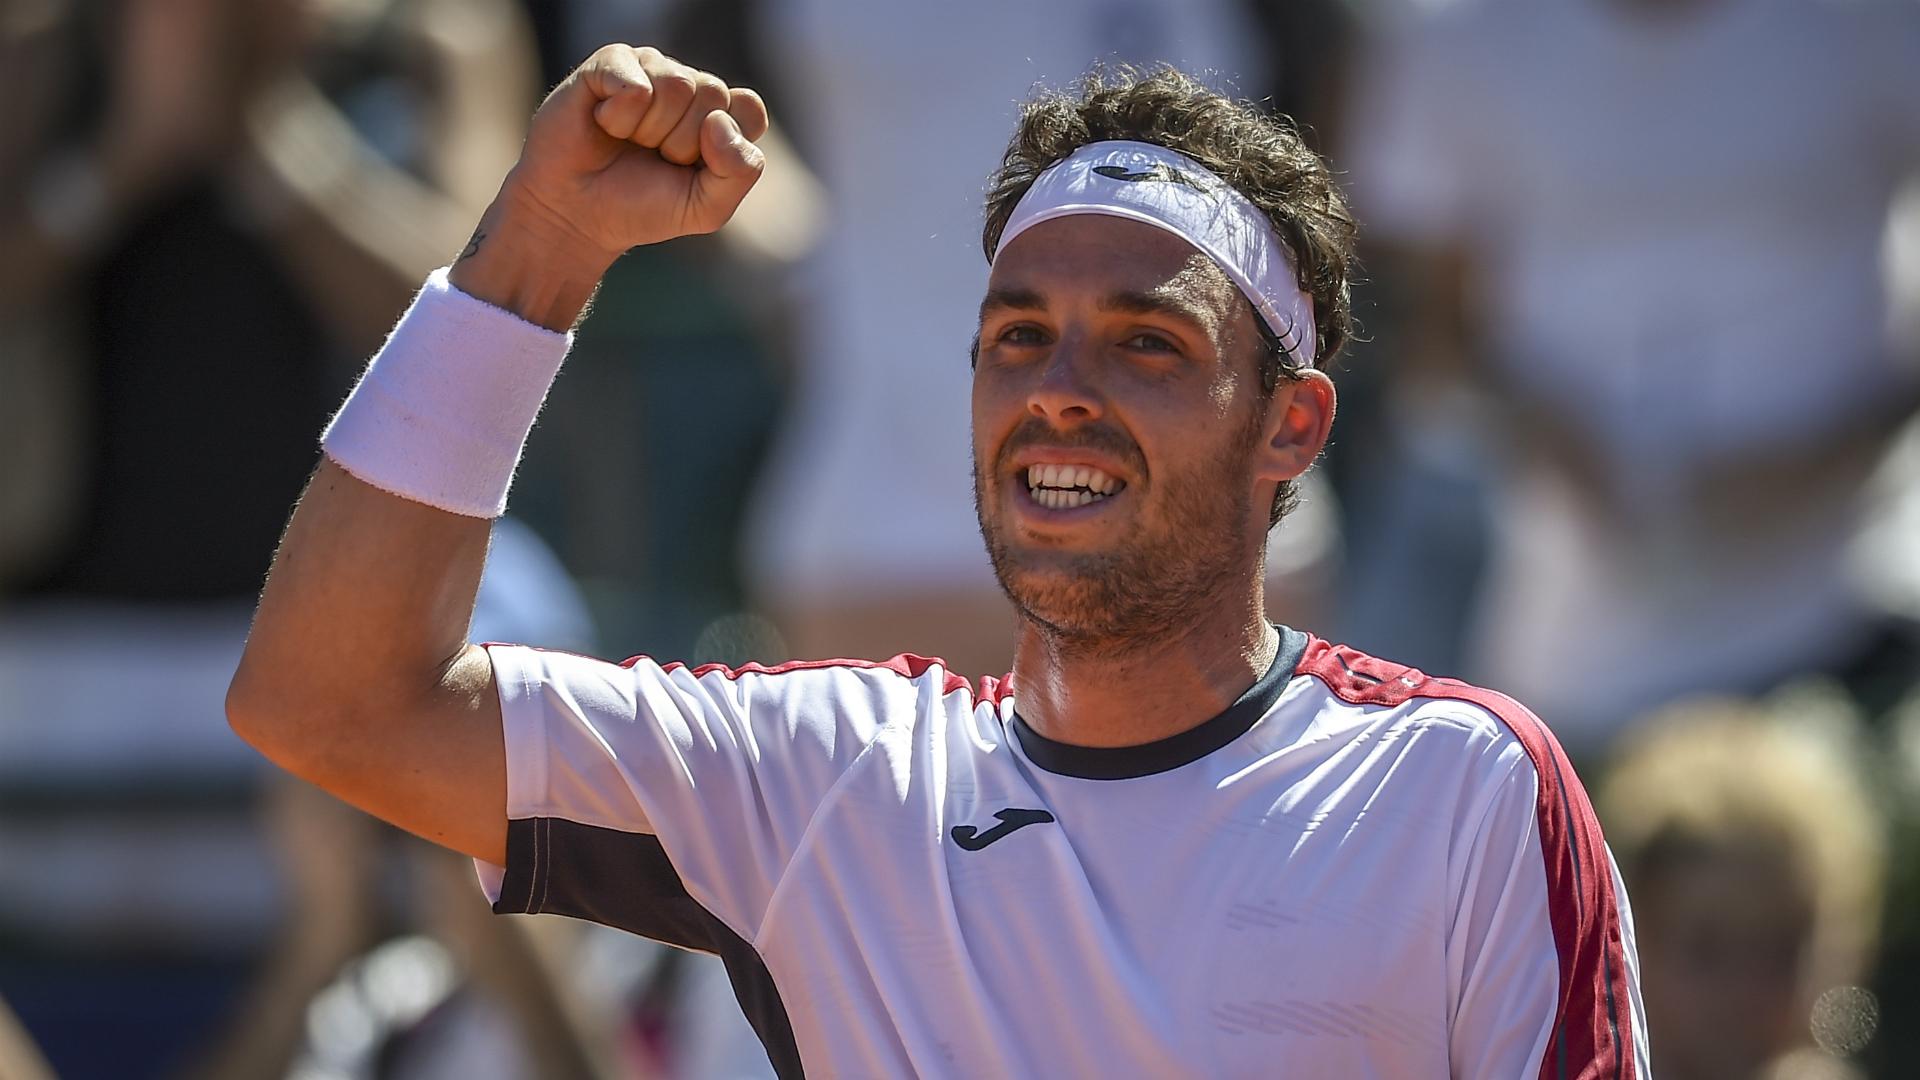 Cecchinato hammers home favourite Schwartzman to win Argentina Open